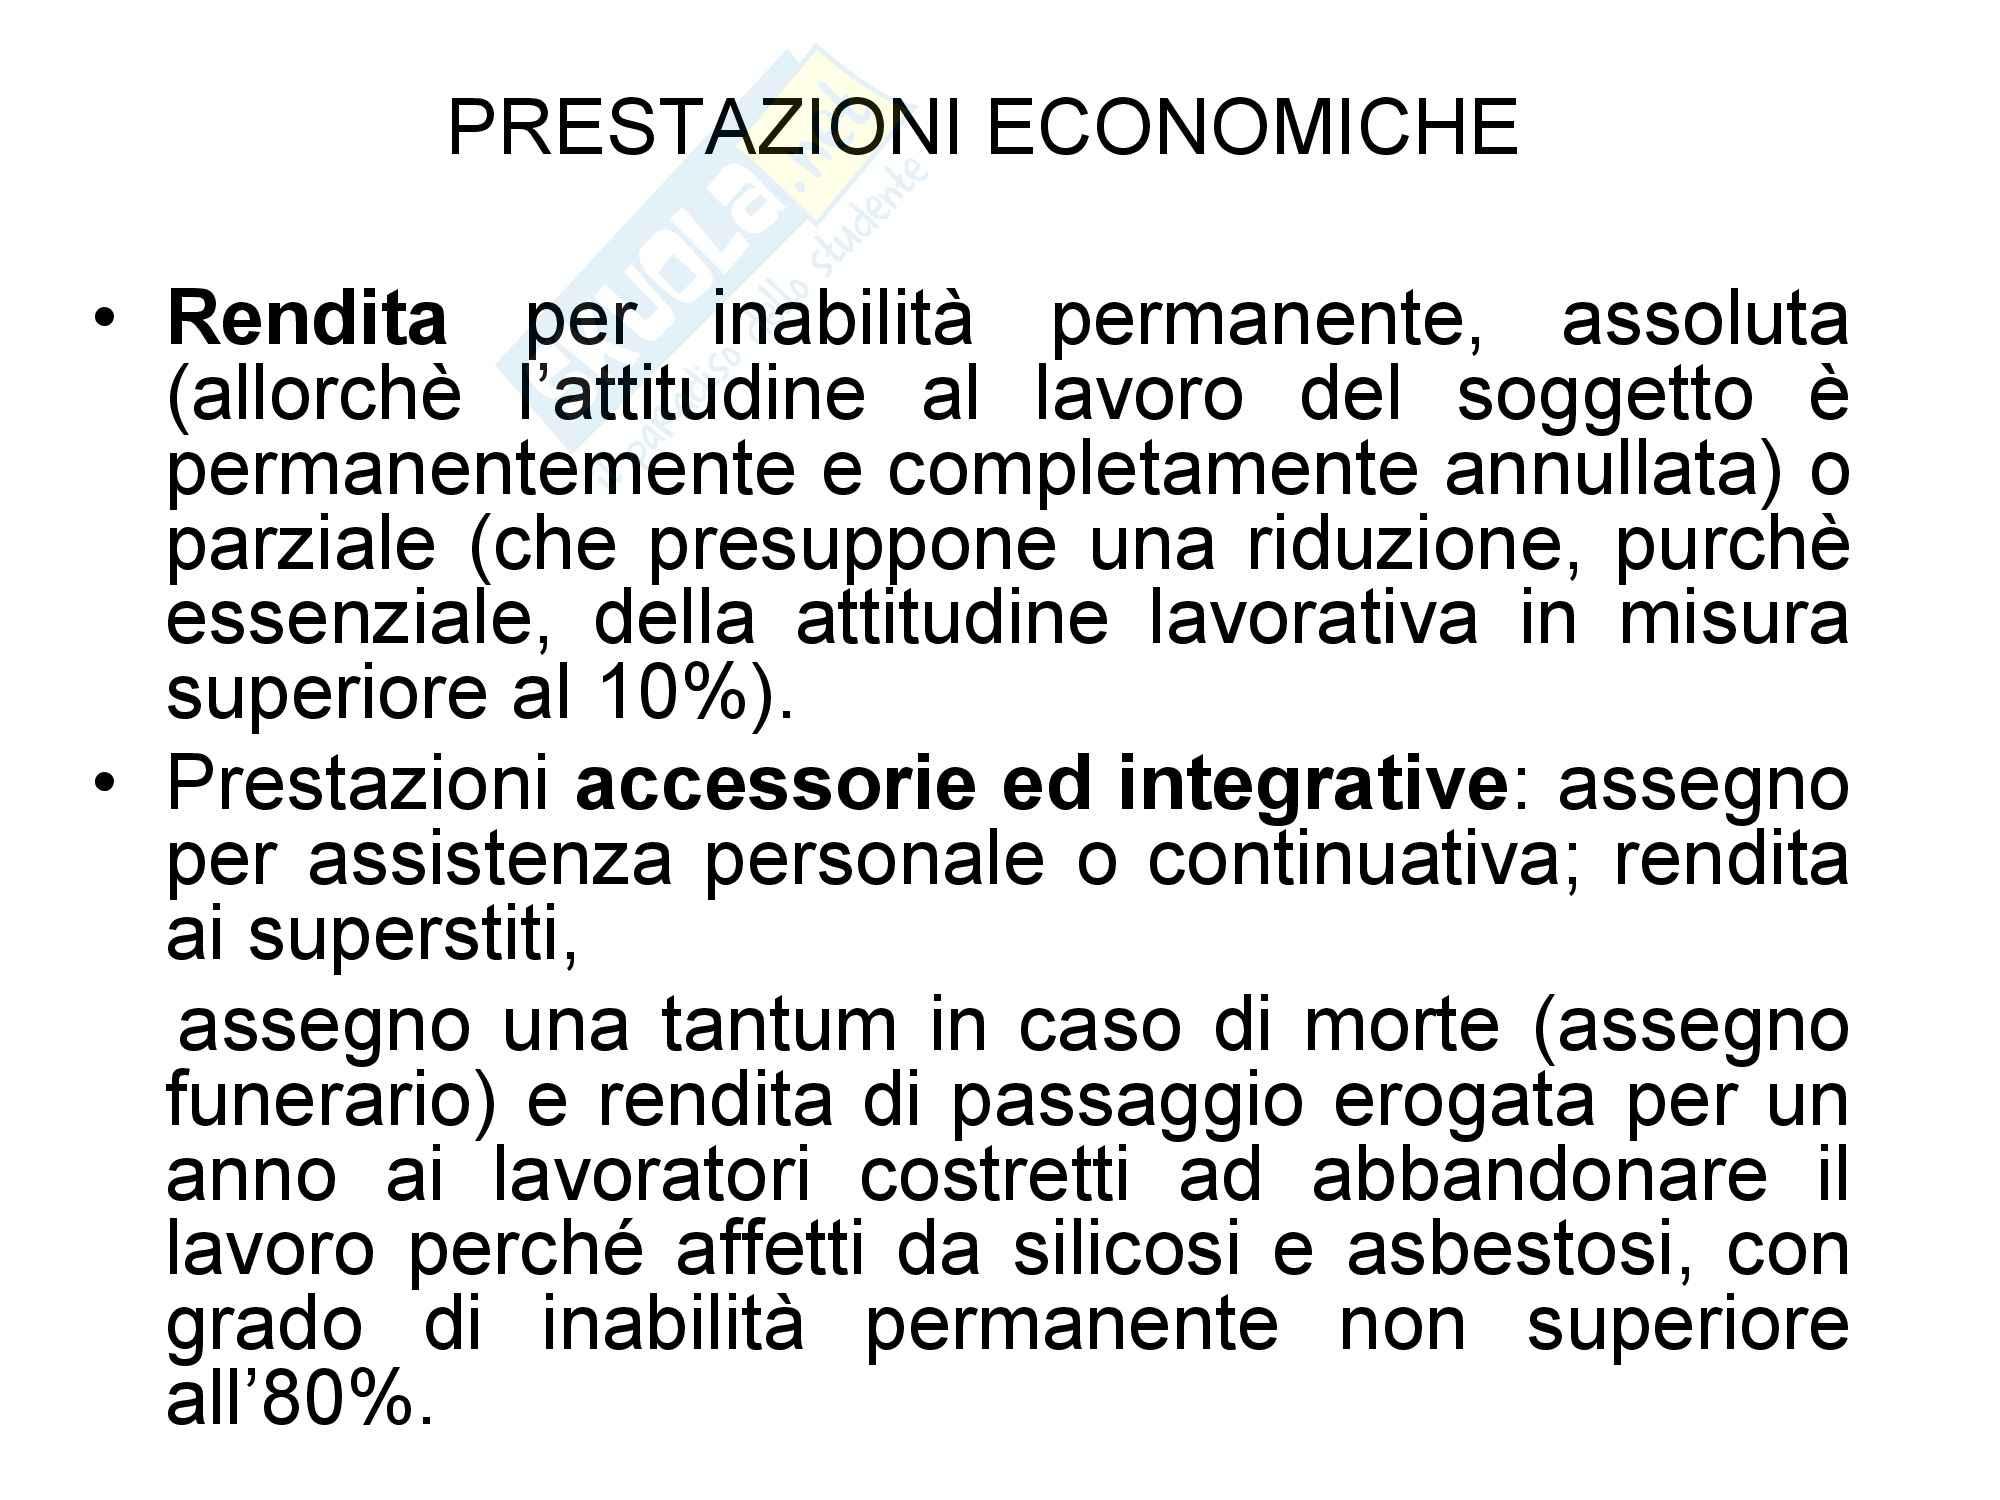 Diritto della previdenza sociale - Riassunto esame, prof. Battisti Pag. 46